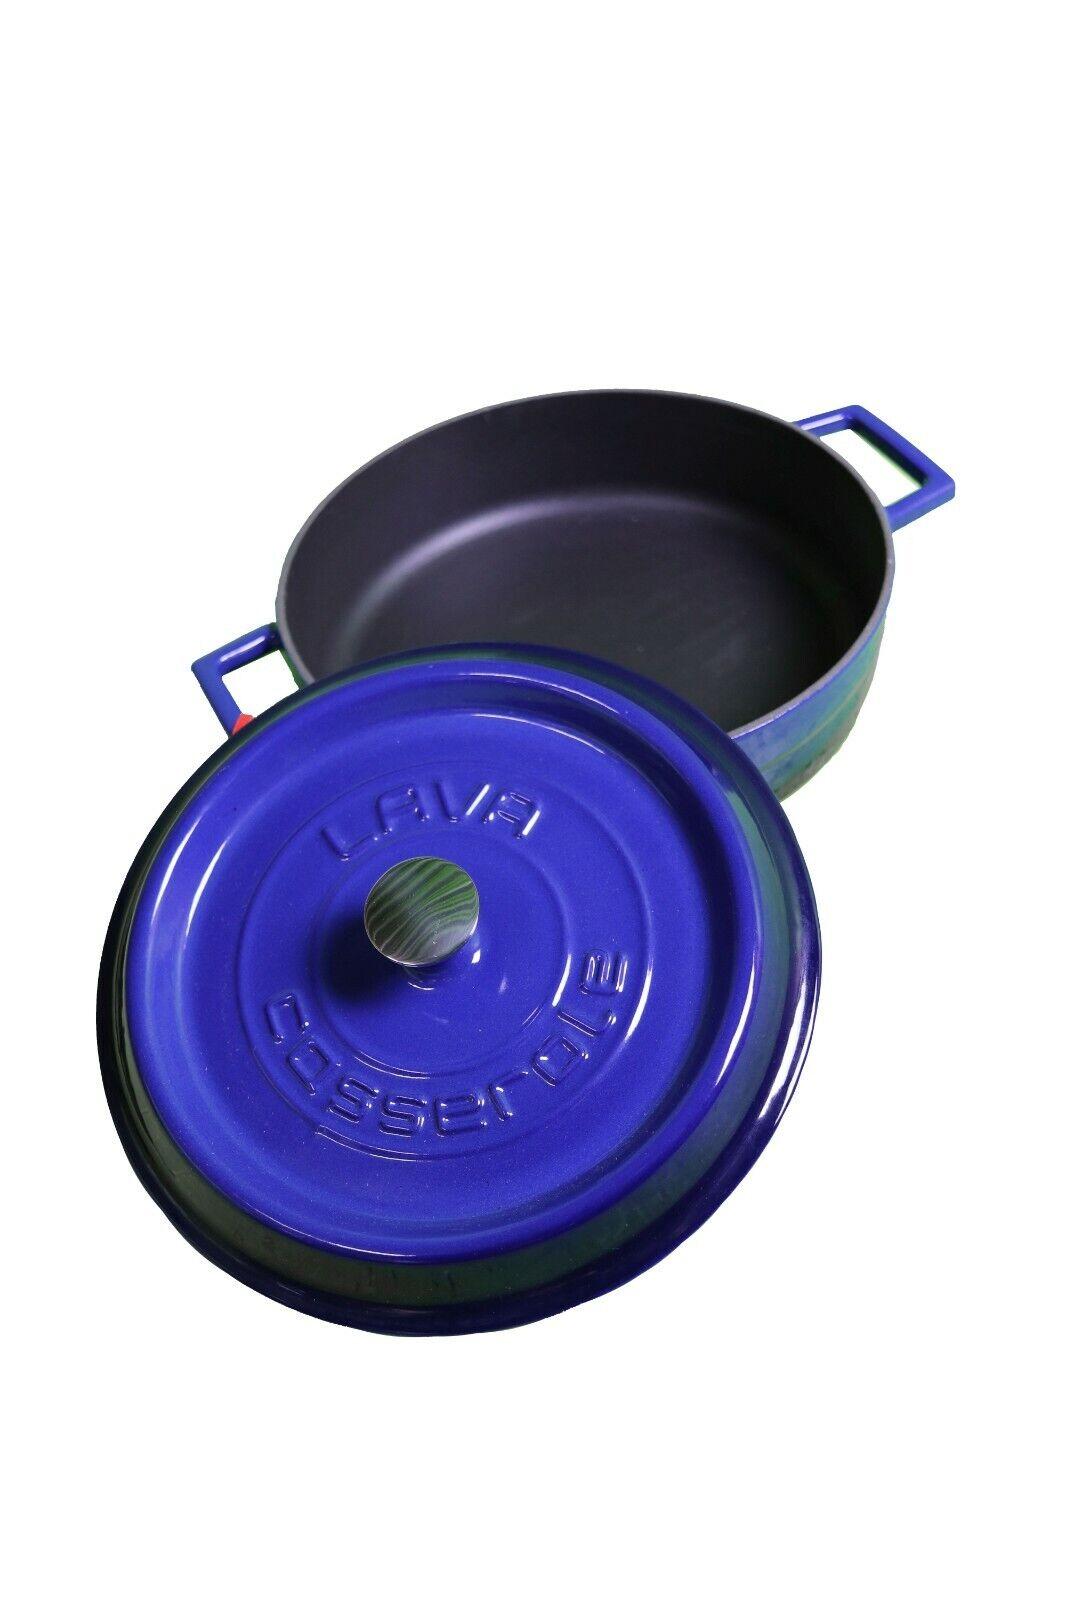 Lava Kasserolle Gusseisen blau 2,5 L 24 cm Durchmesser 767841